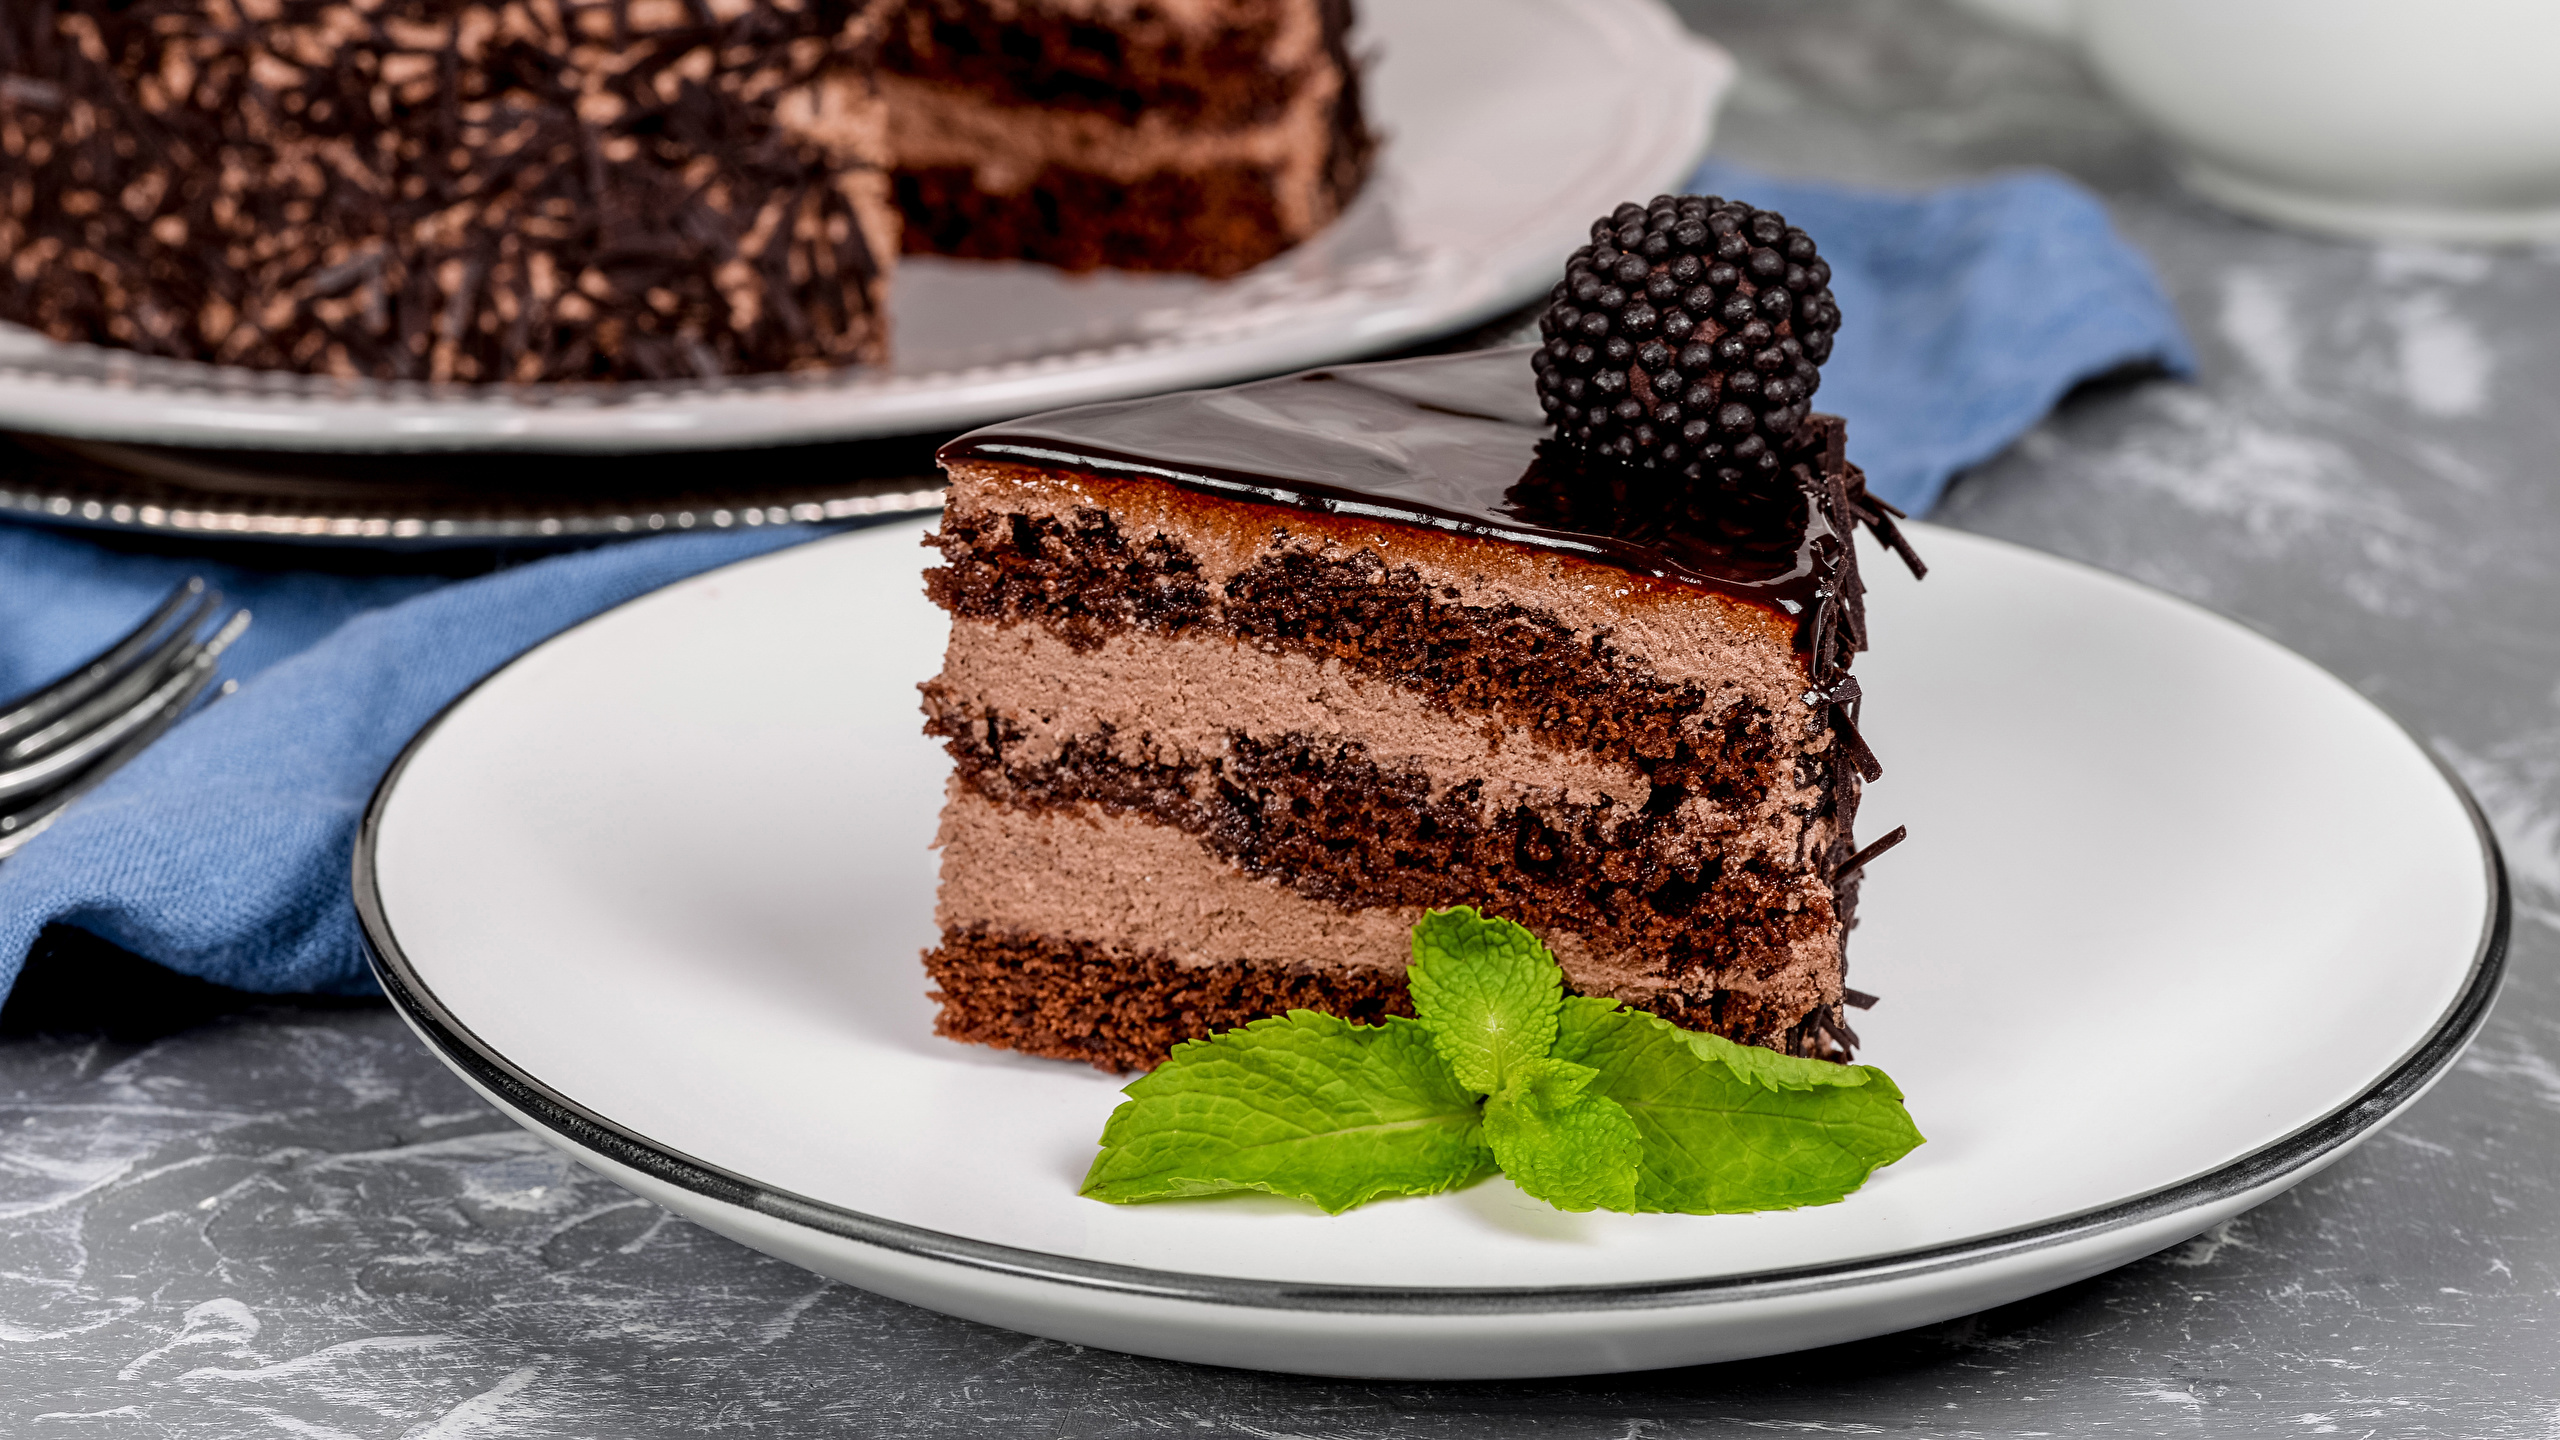 Фото Шоколад Торты часть Ежевика Еда Тарелка Пирожное 2560x1440 Кусок кусочки кусочек Пища тарелке Продукты питания